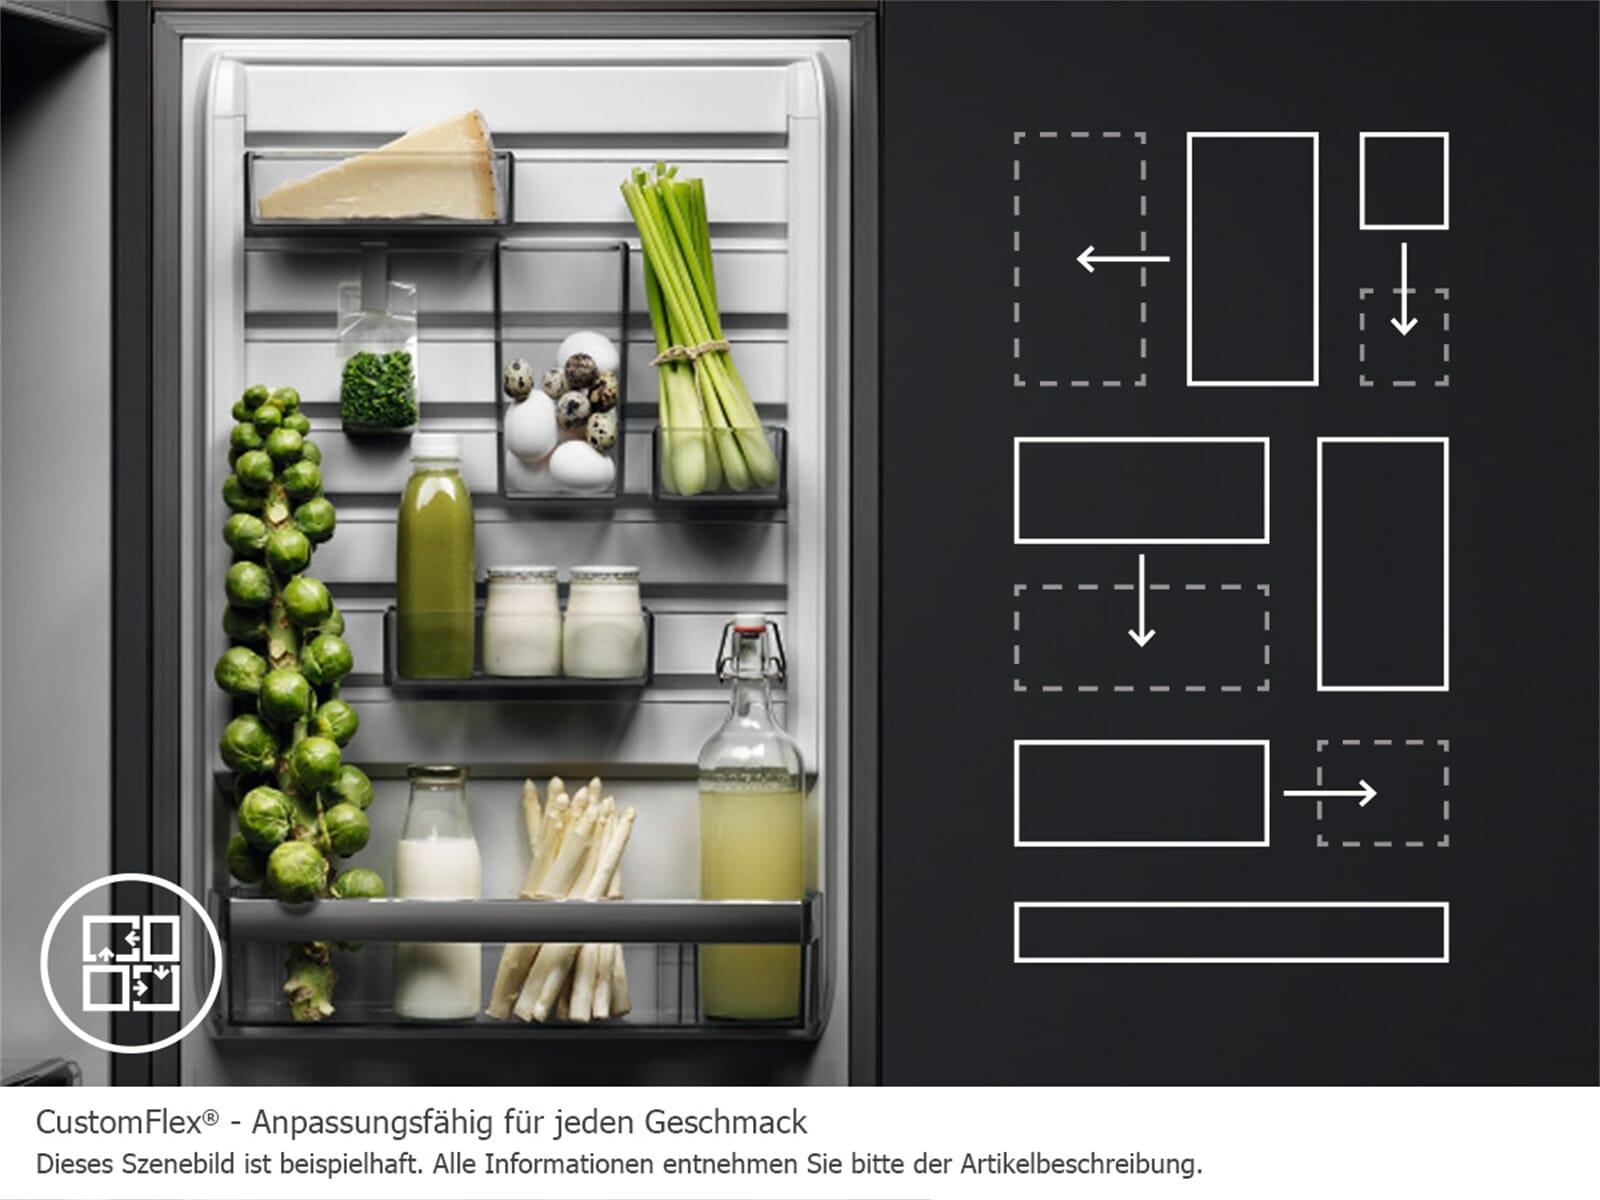 Aeg Customflex Kühlschrank : Aeg rcb mx kühl gefrierkombination edelstahl